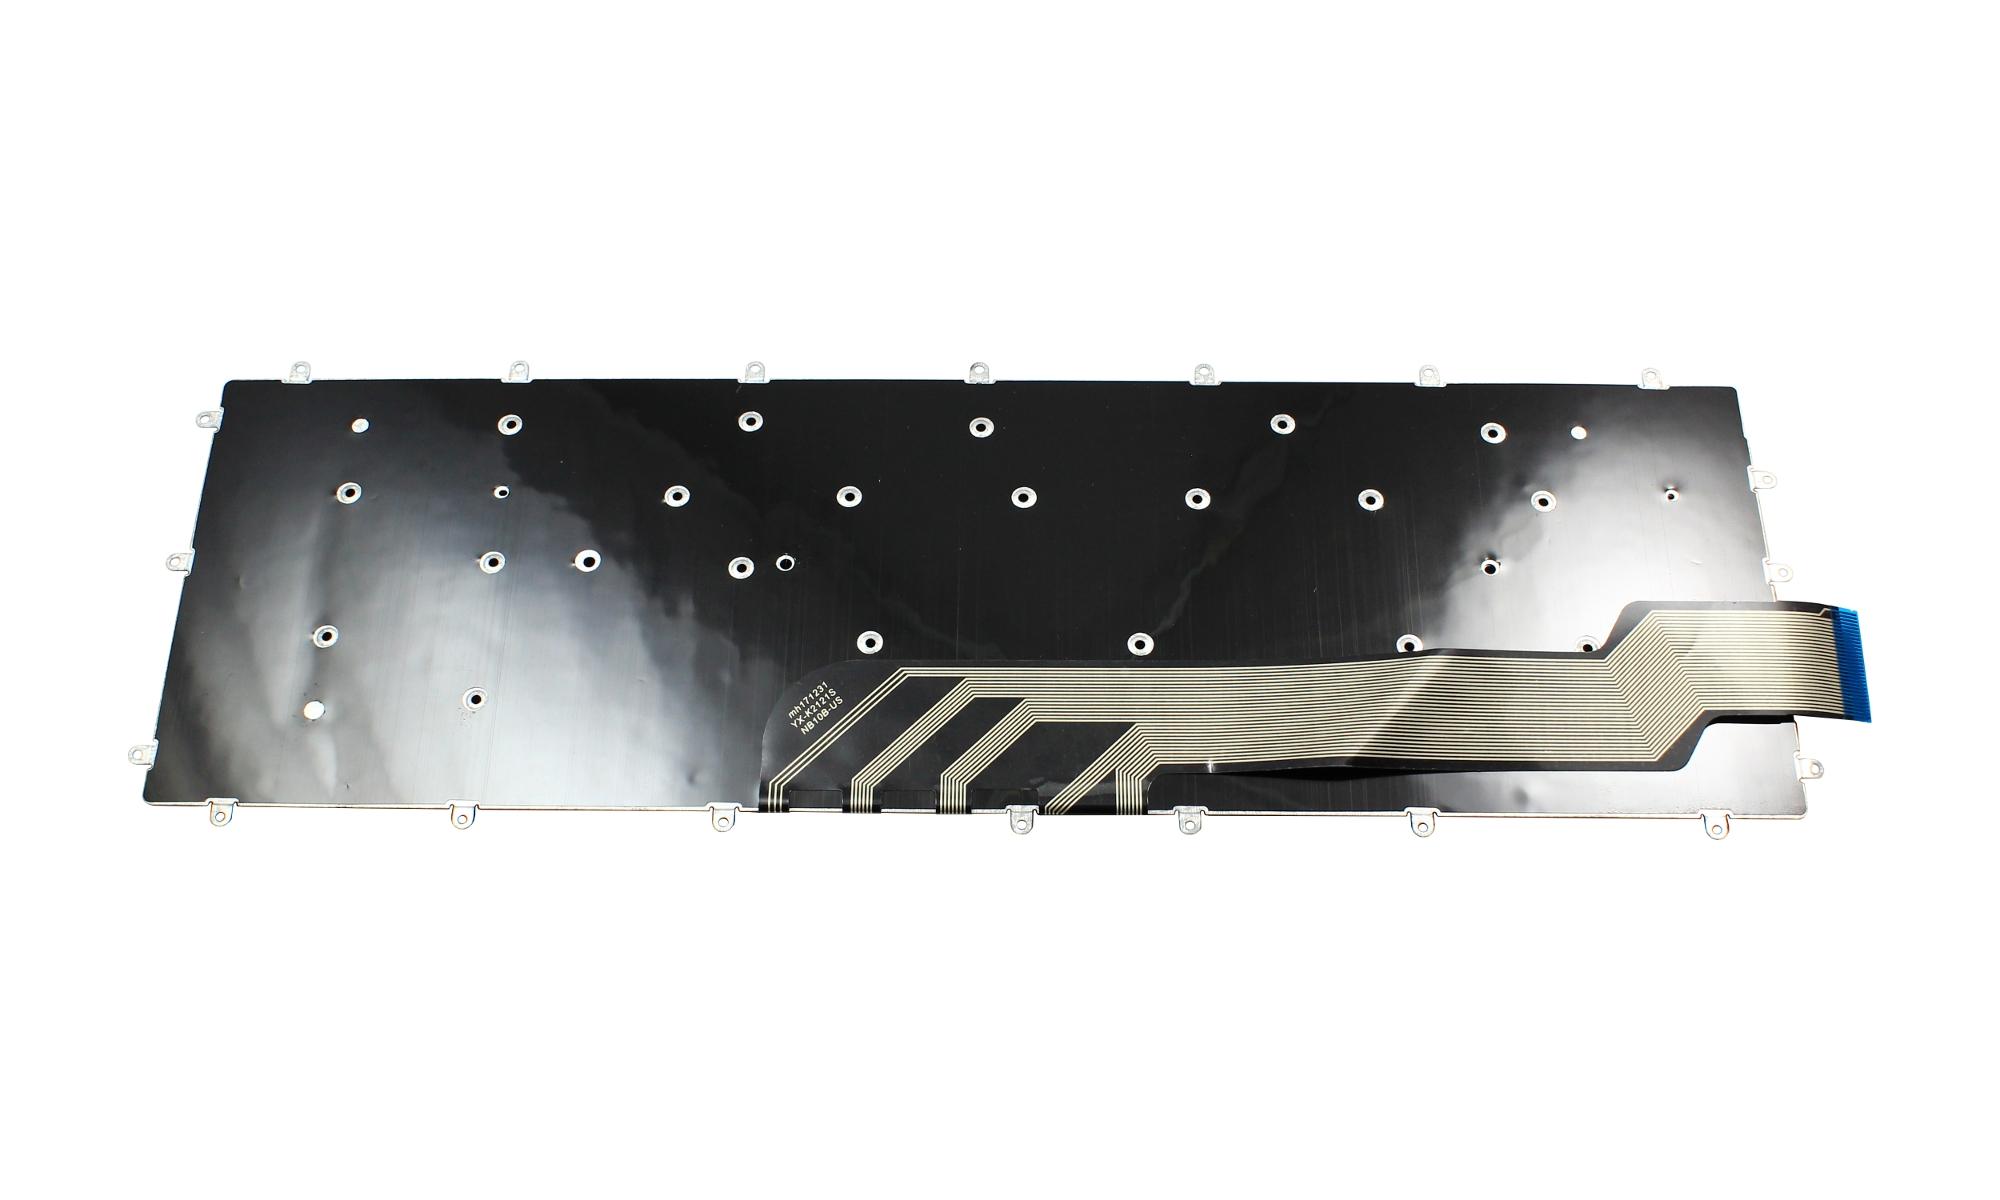 Tastatura compatibila Dell G5 15 5587, fara iluminare